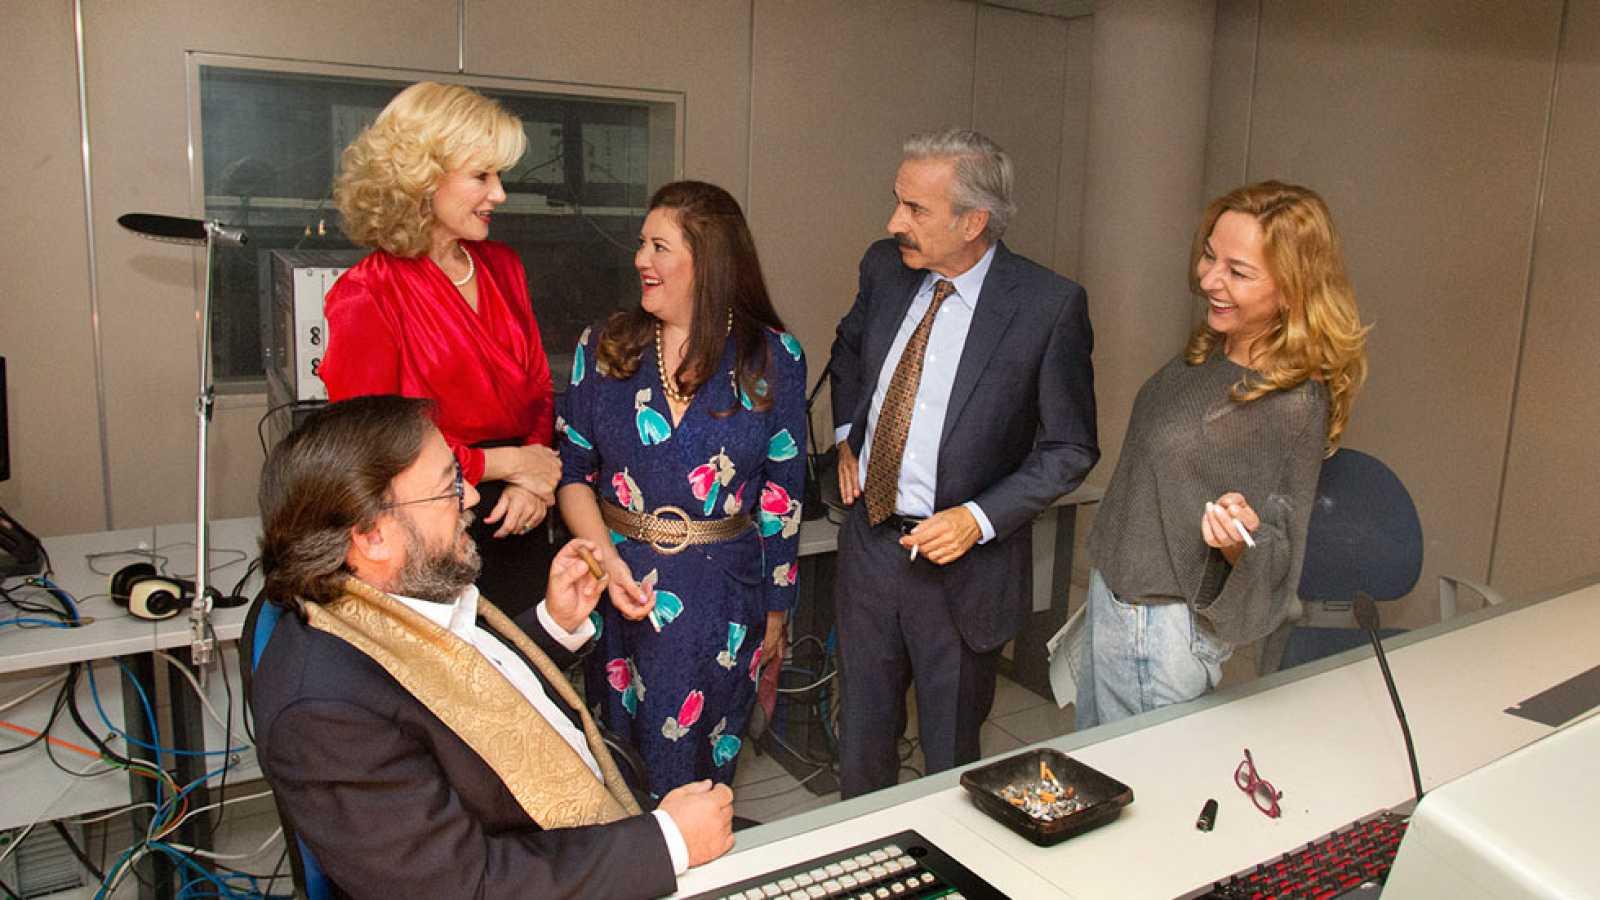 Cuéntame cómo pasó\' visita Prado del Rey - RTVE.es